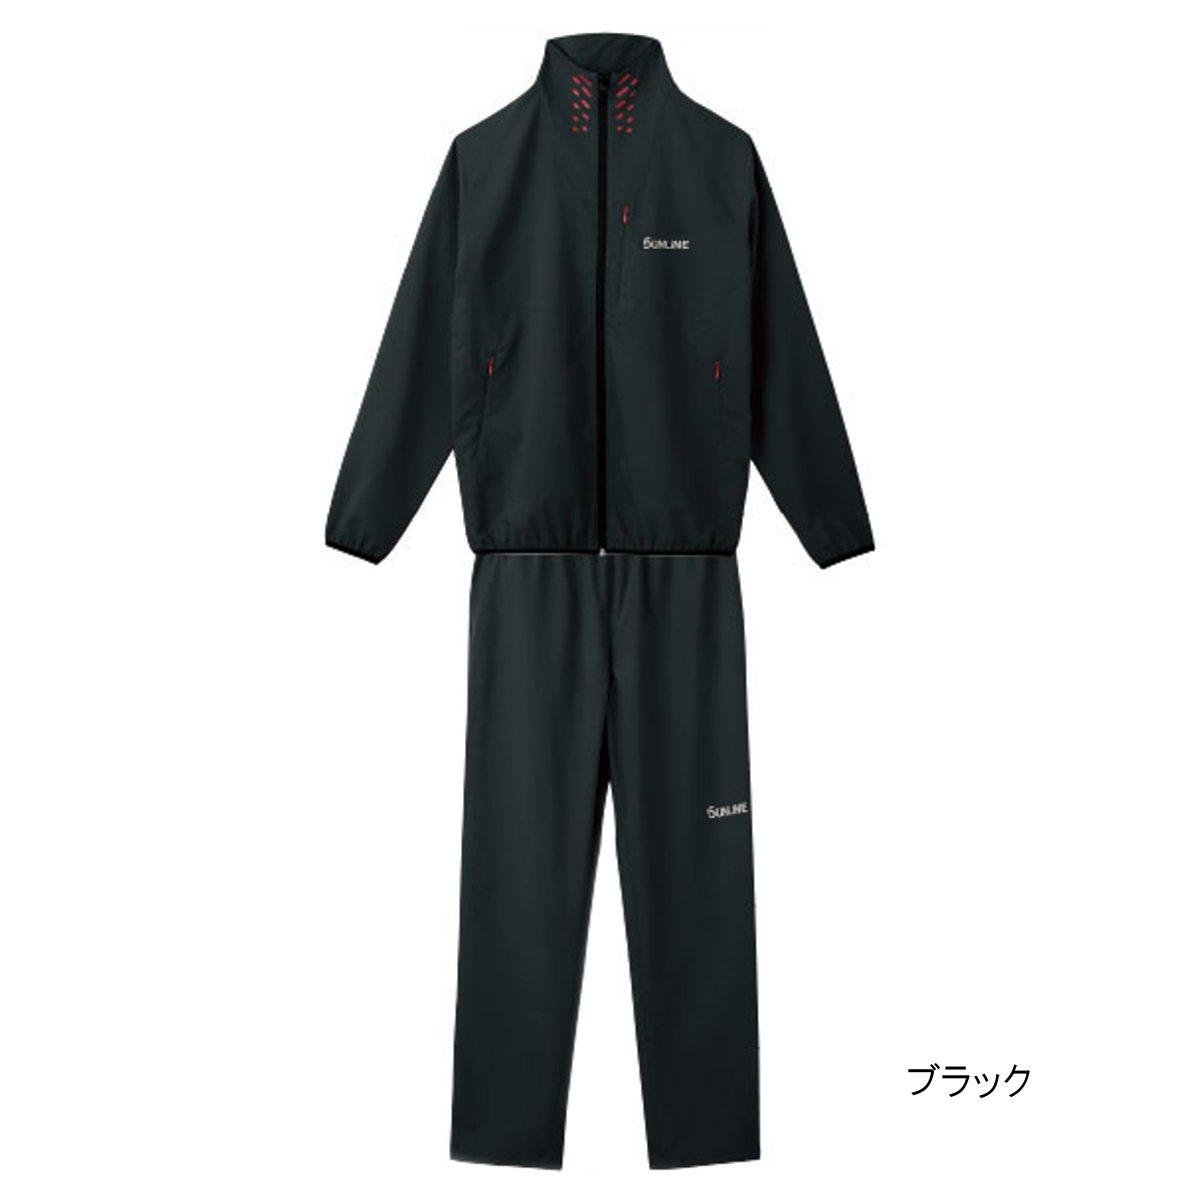 ライトストレッチスーツ SUW-3226 3L ブラック【送料無料】